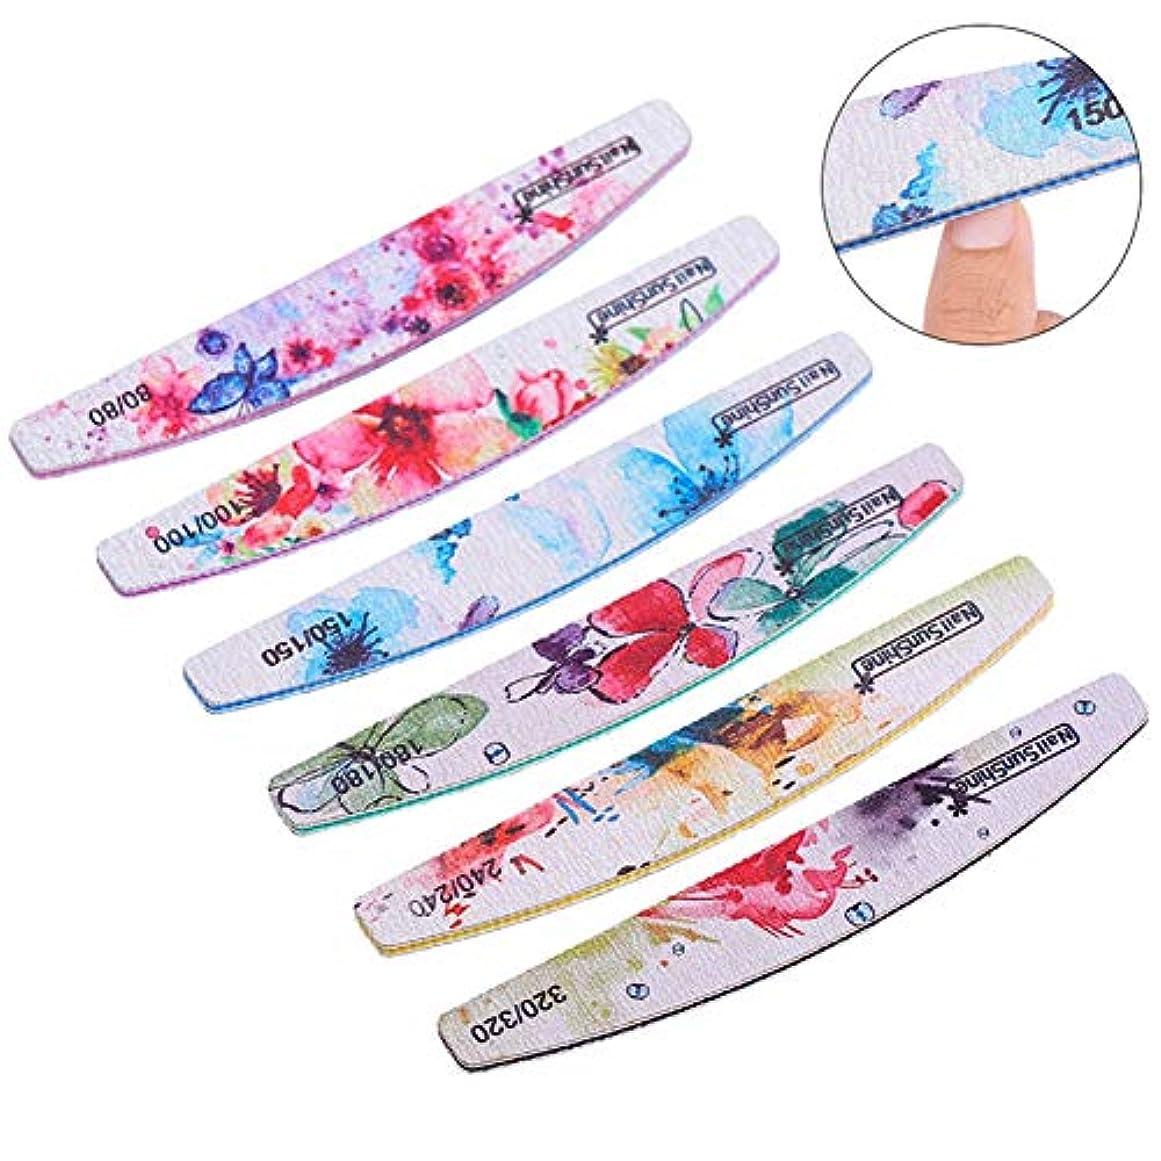 KISSION ネイルアート 花柄 爪磨き 両面研磨ネイルツール フラワーネイル ネイルダブルこて 研磨ストリップ6個 両面ネイルポリッシュストリップ